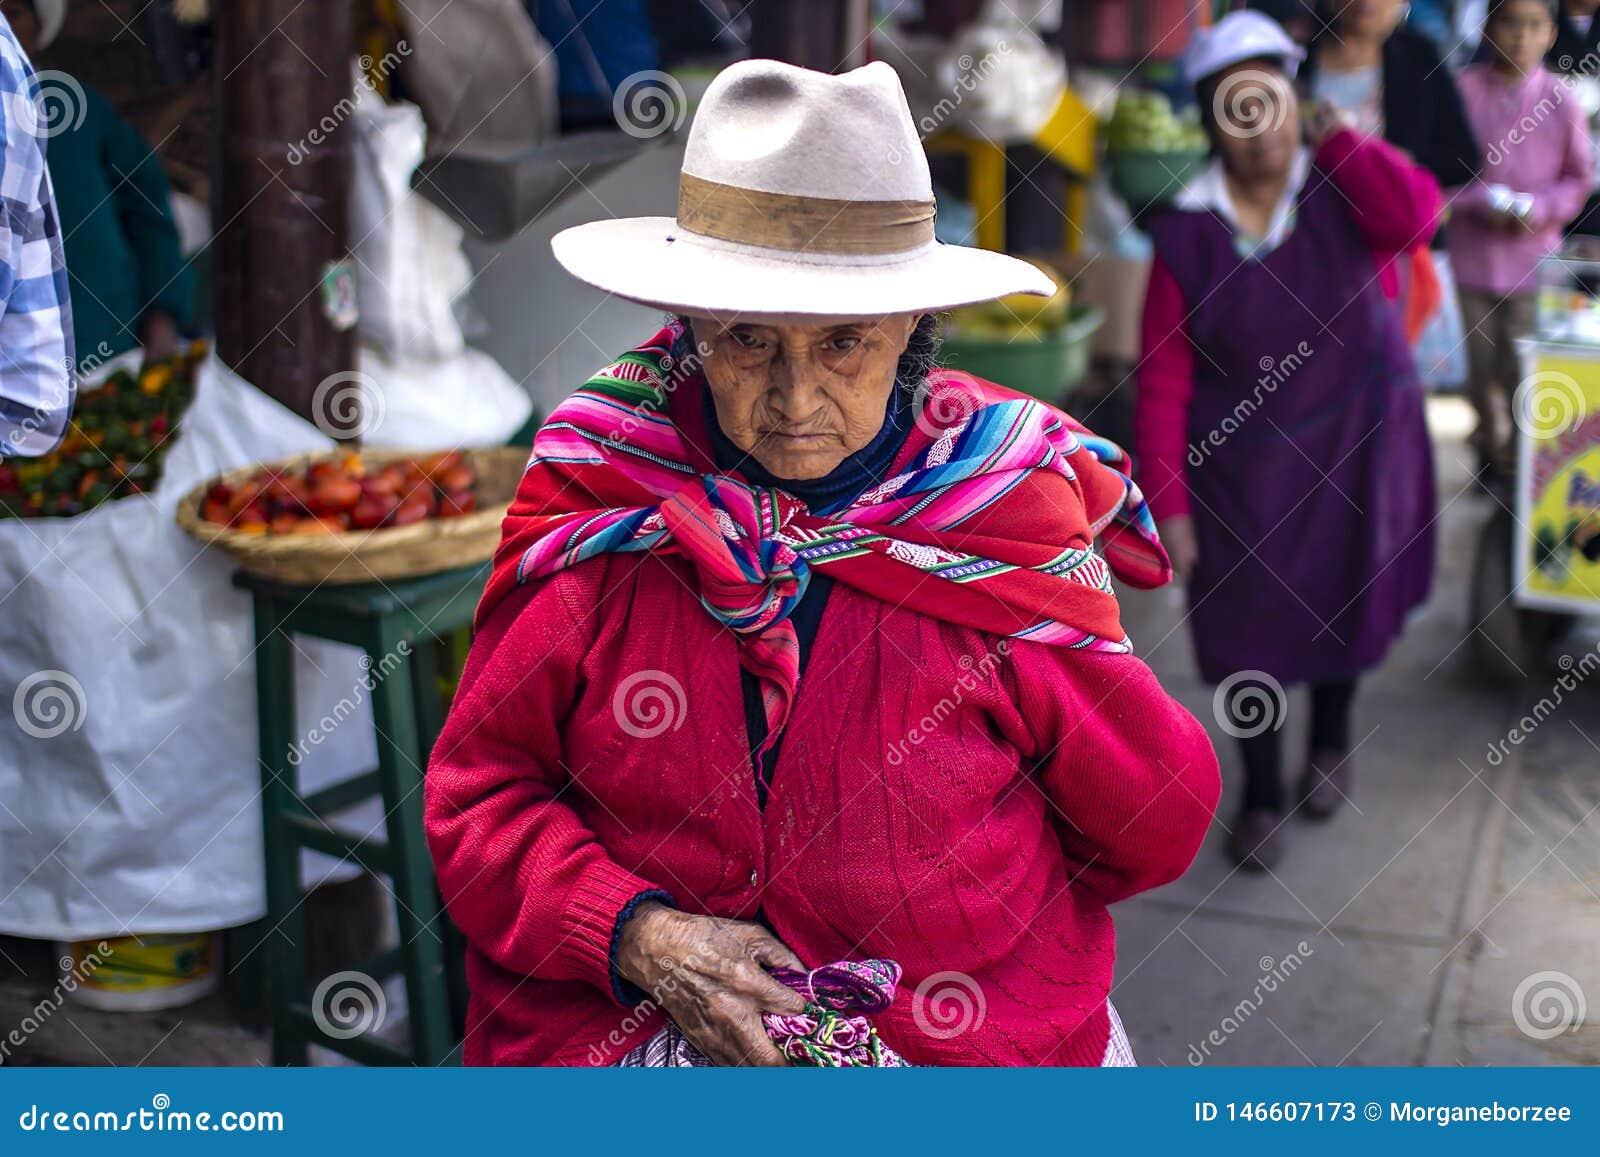 Gammal peruansk kvinna med den rynkiga framsidan och fattiga kläder